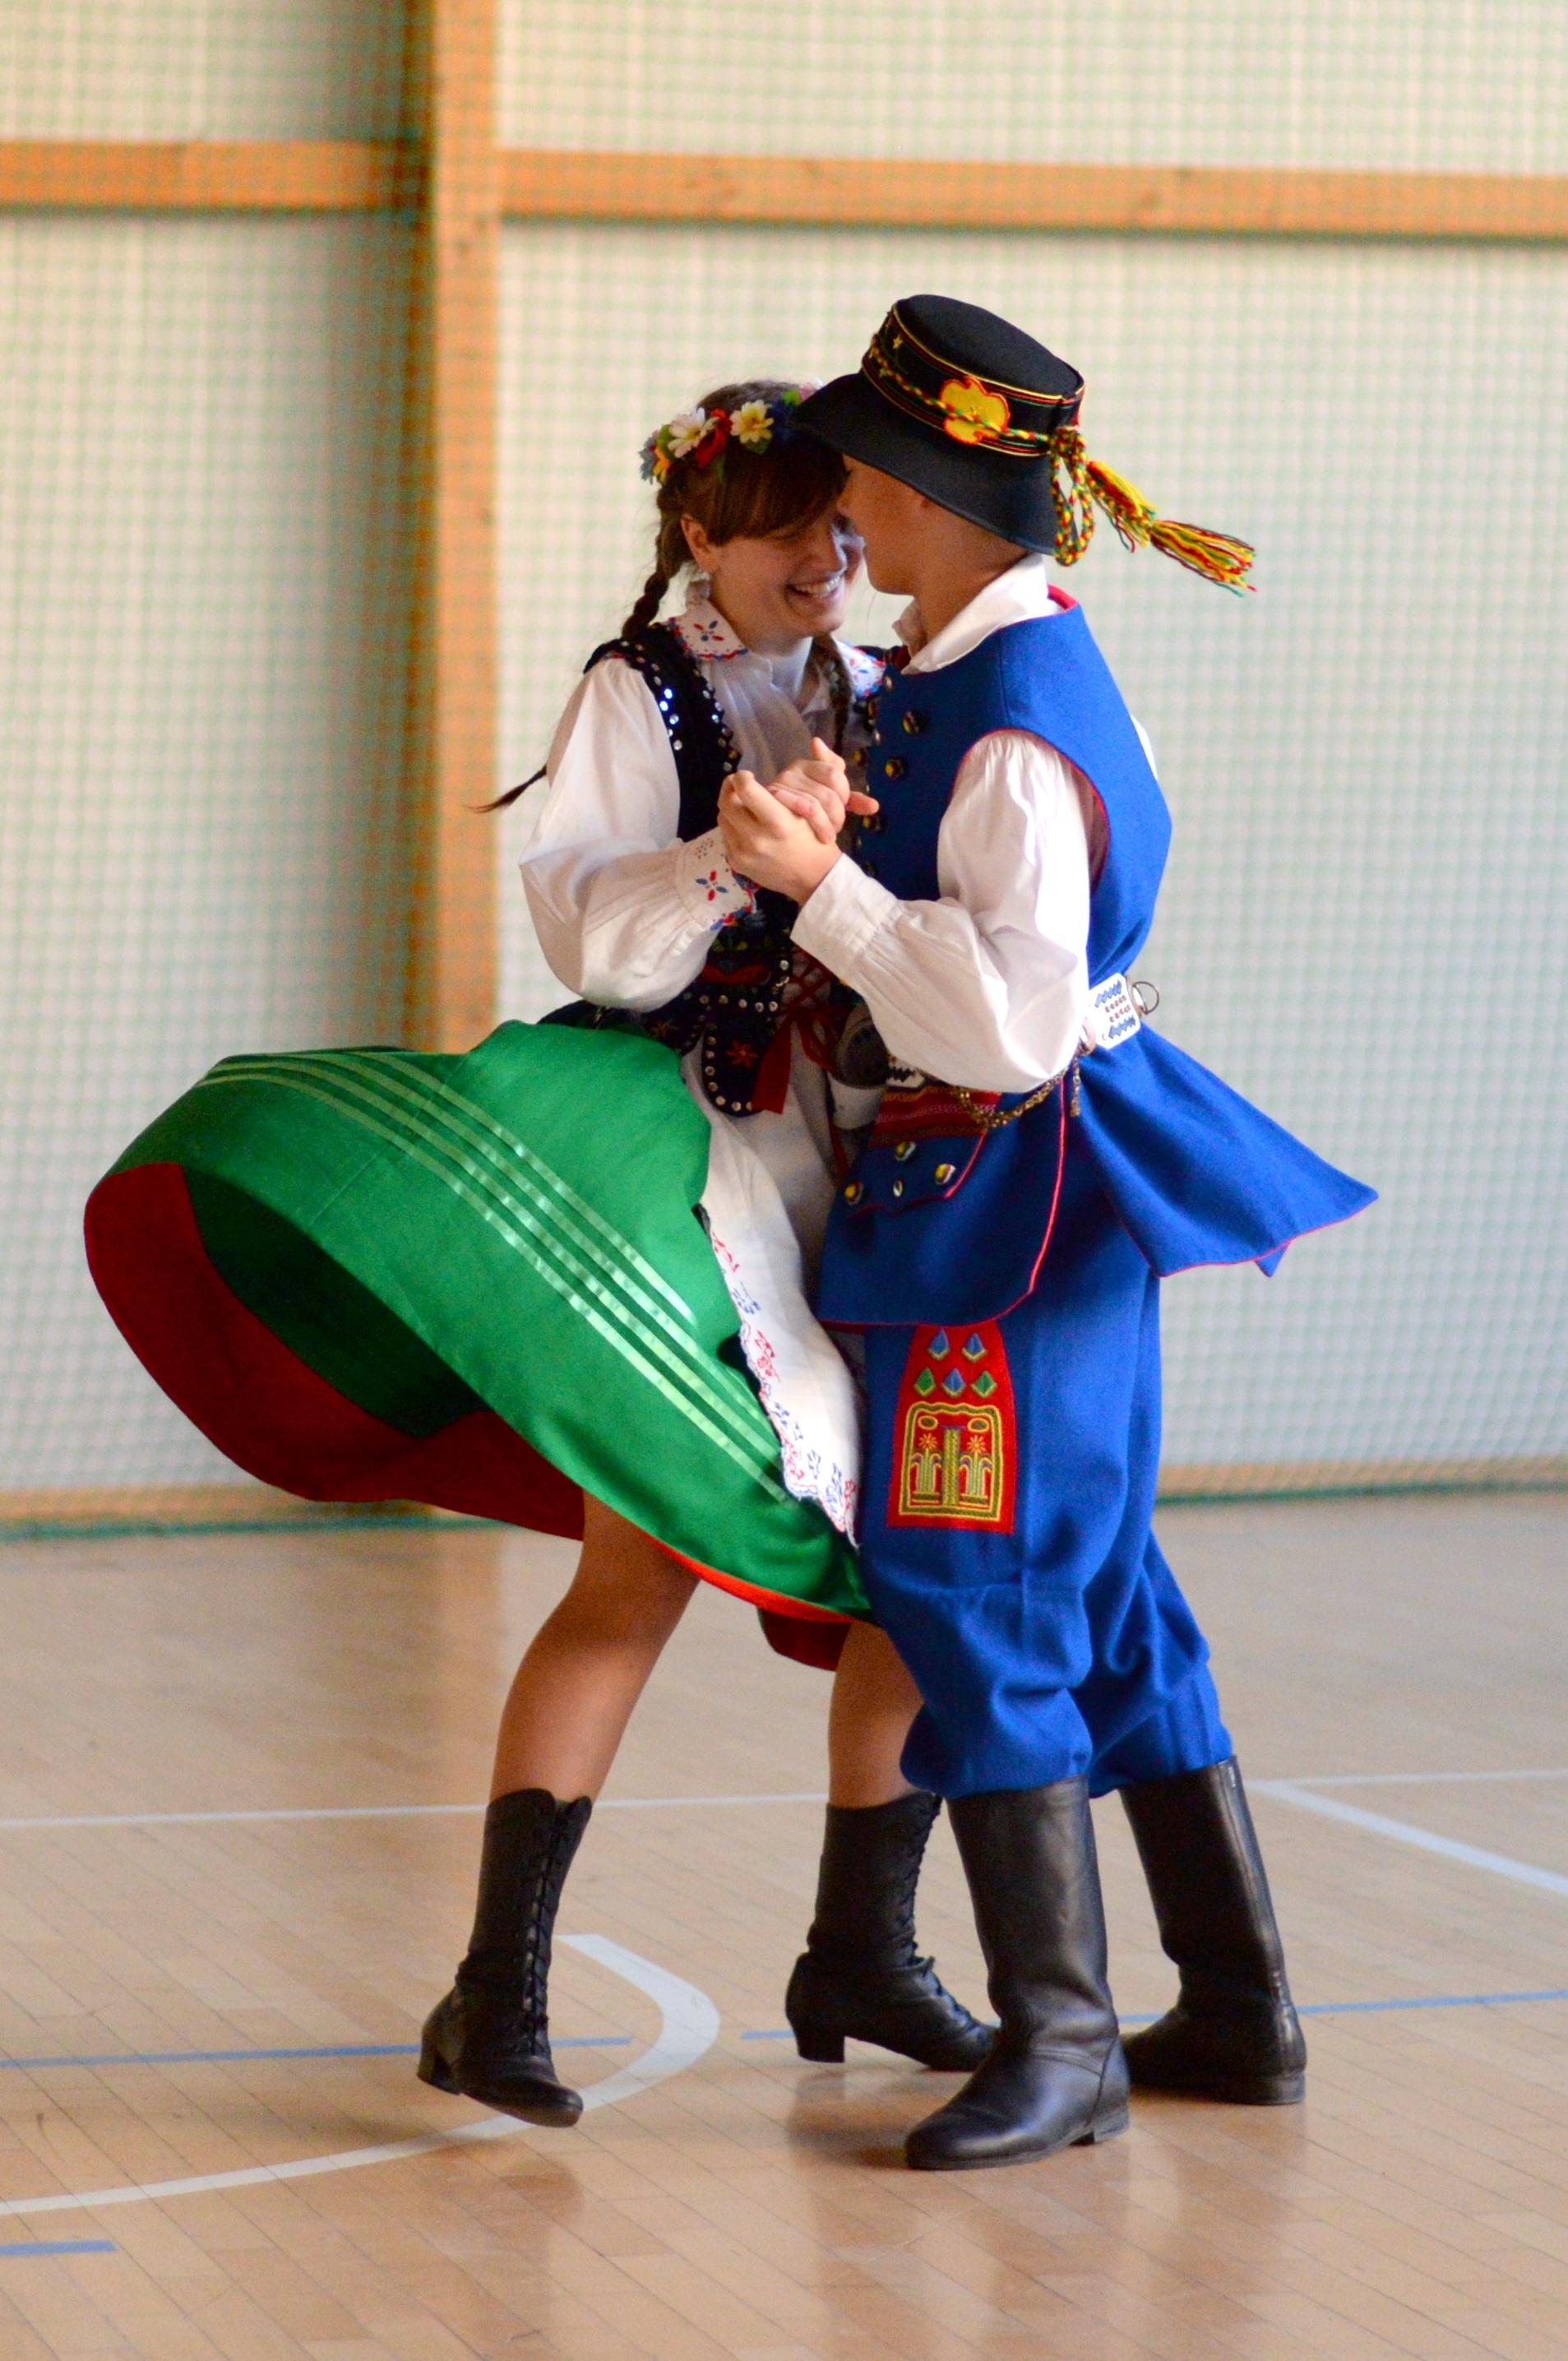 hvad er det som at danse en japansk pige 30 år gammel kvinde datering en 21 år gammel mand